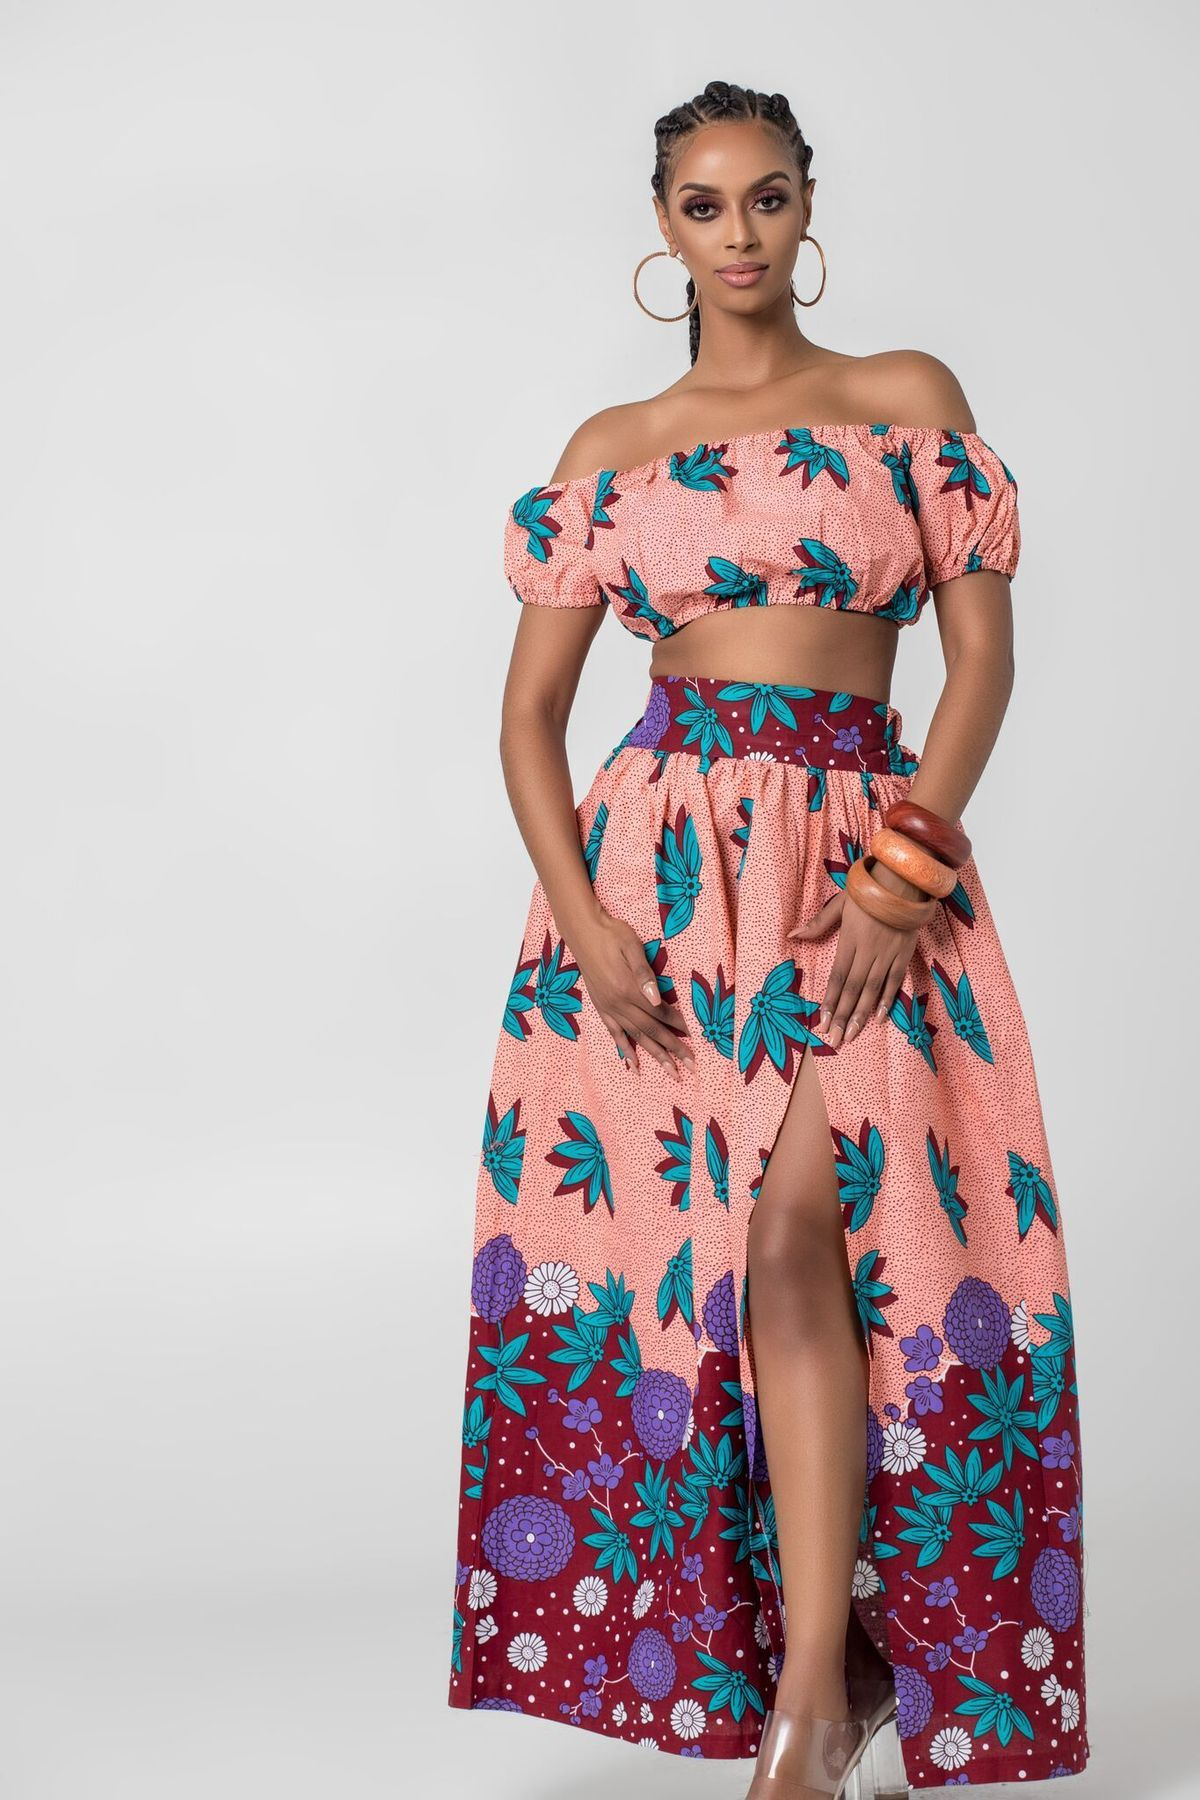 grass-fields-maxi-skirt-us4-uk8-anita-african-maxi-print-skirt-7921633624122_1200x.jpg